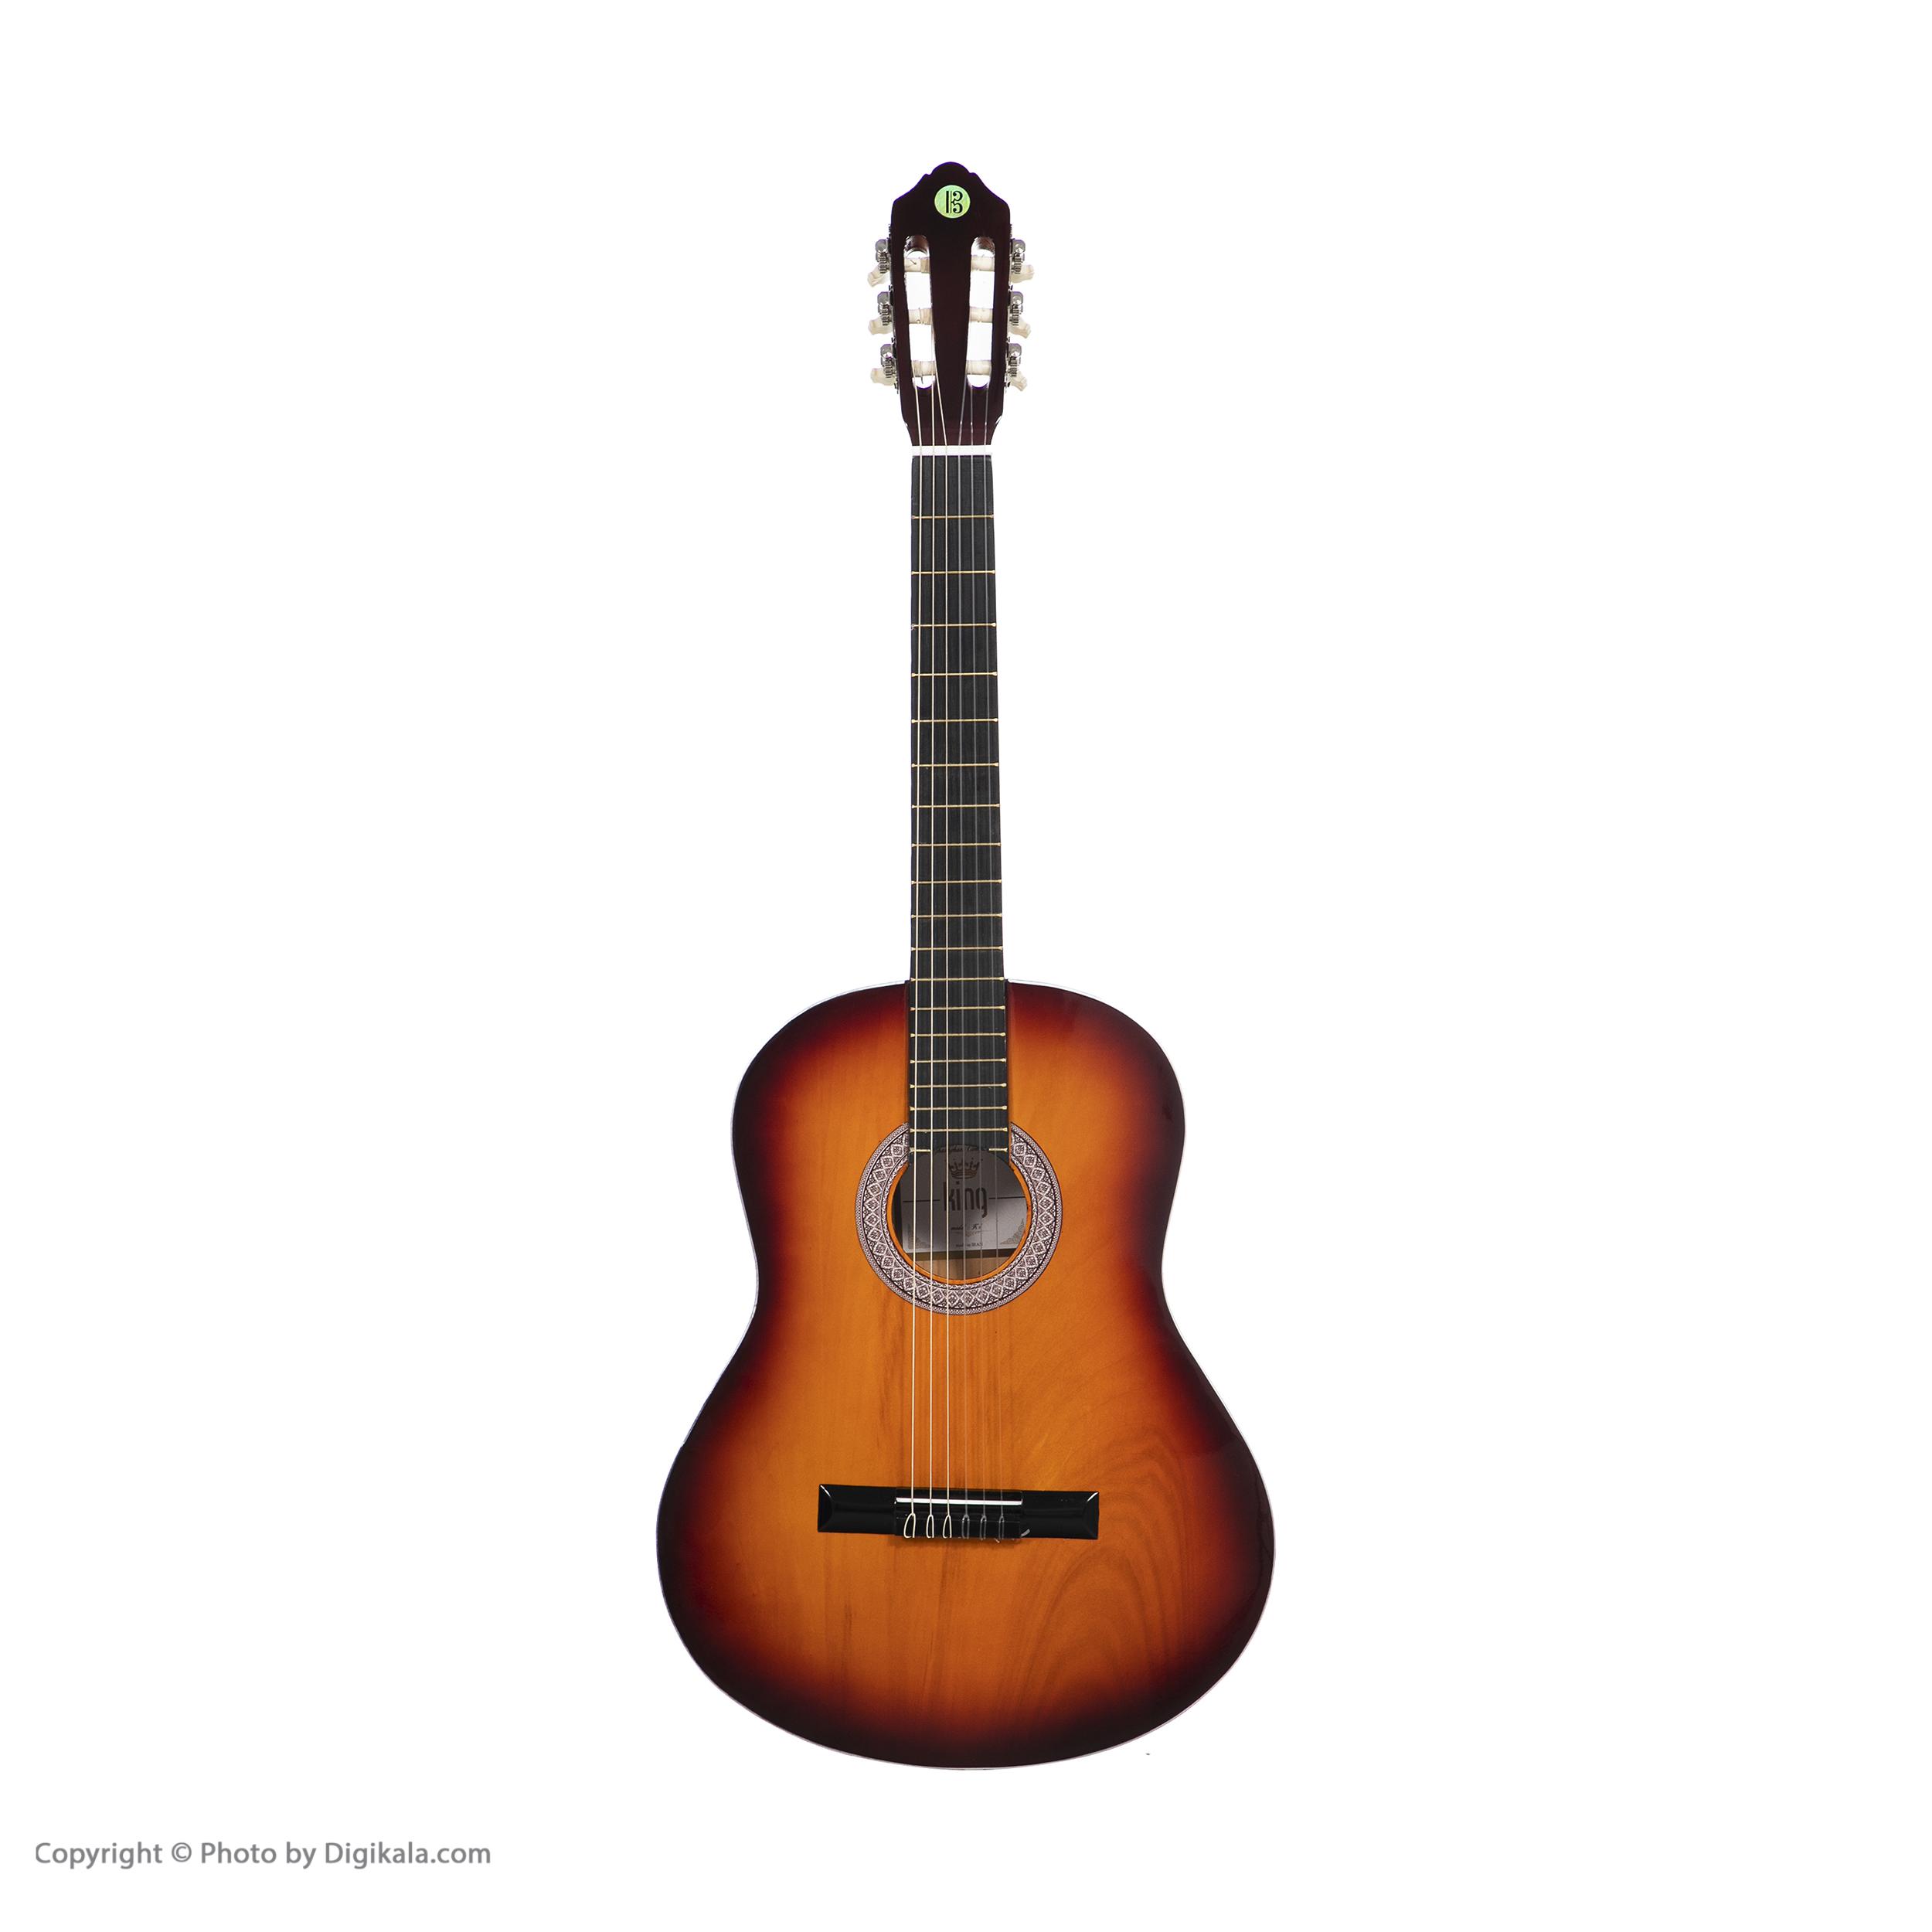 گیتار کلاسیک کینگ مدل K1-01 main 1 9